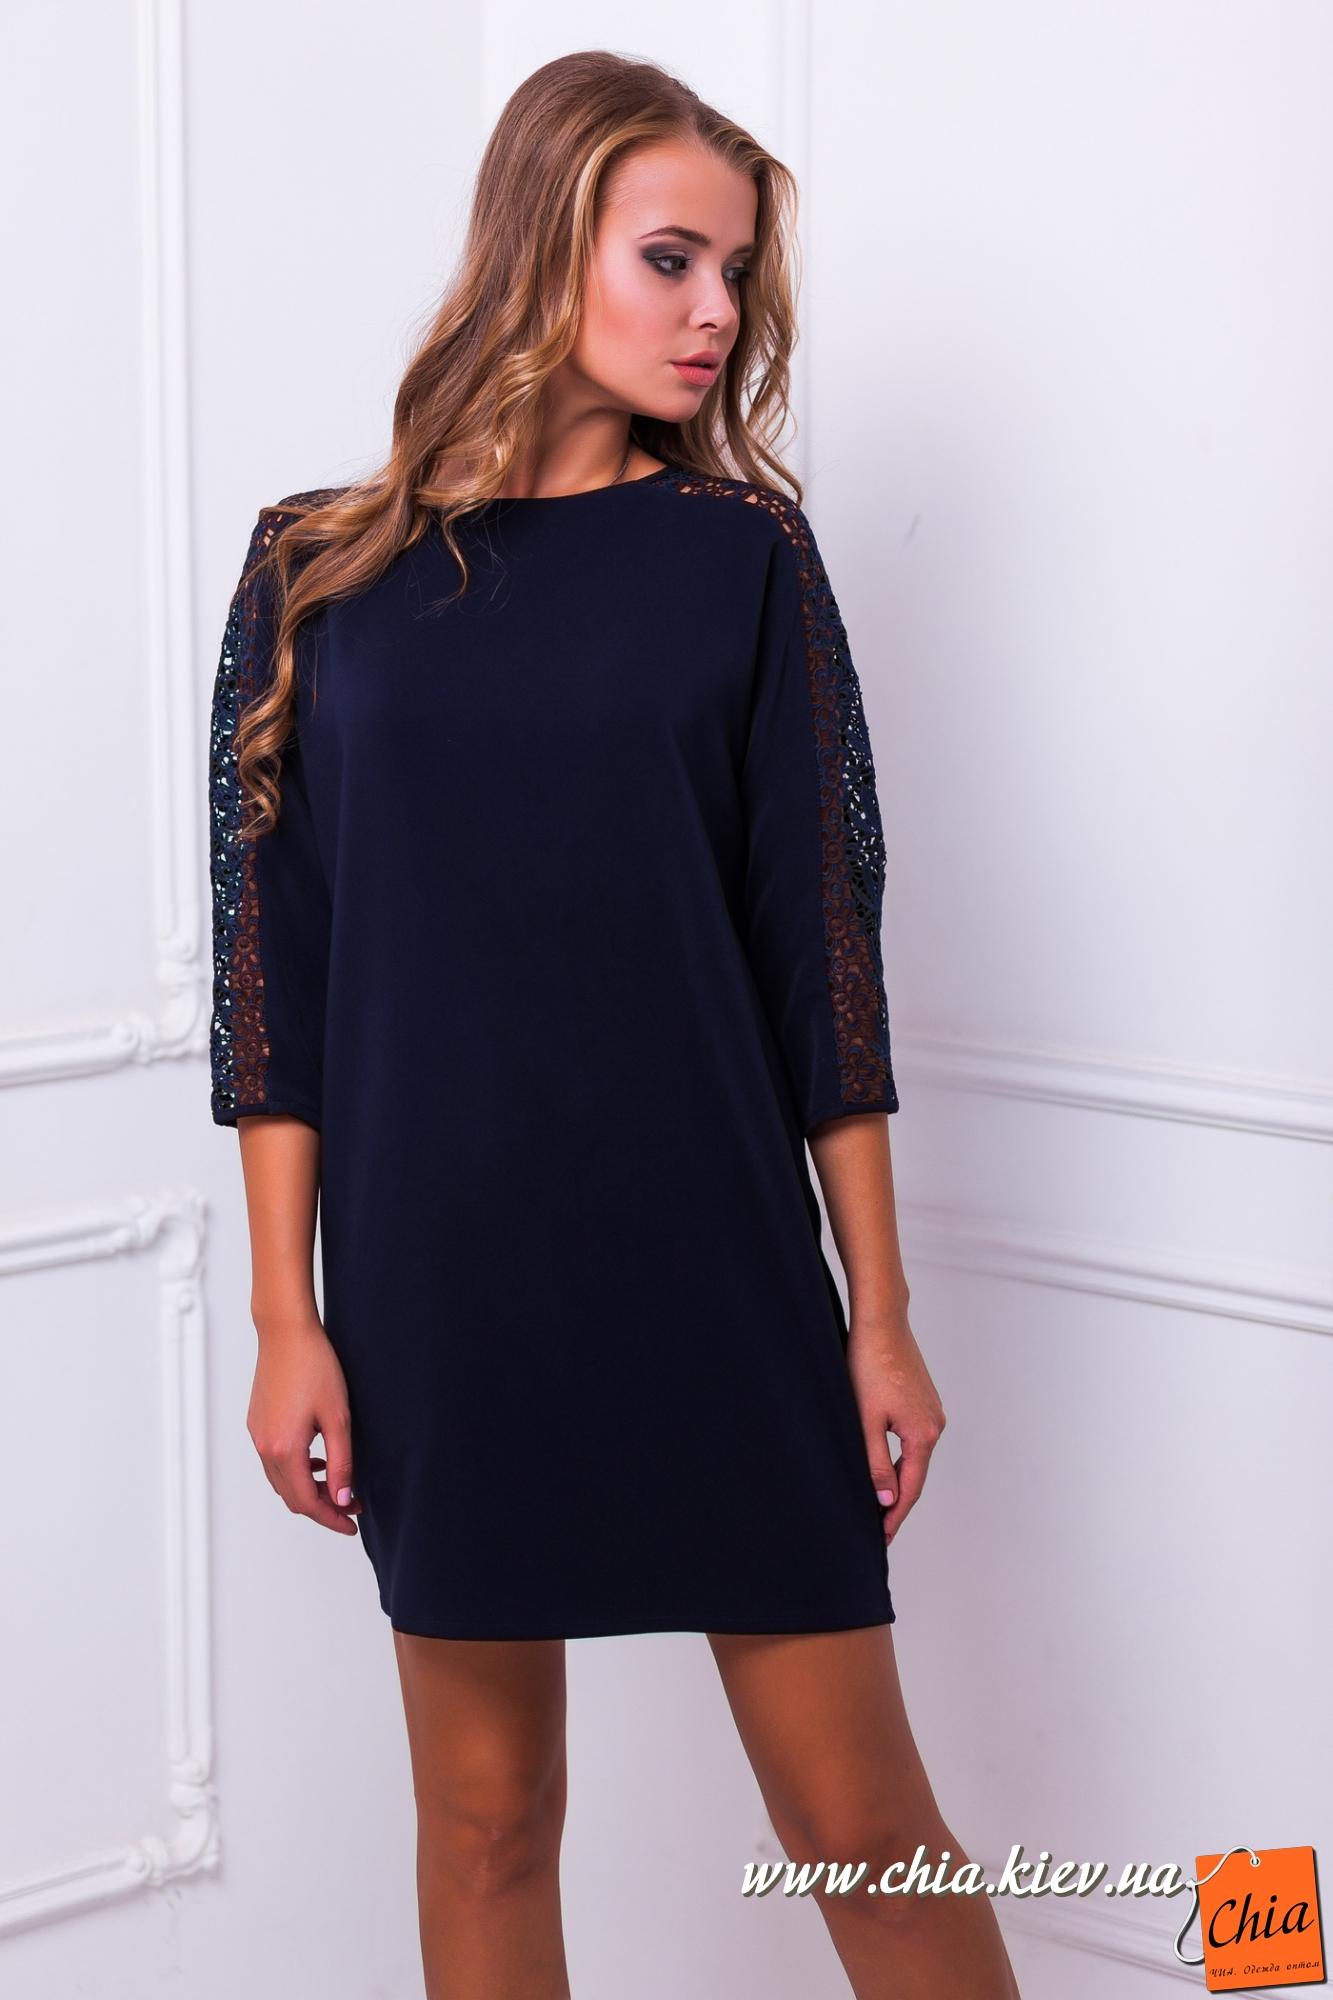 Женская Одежда Зара